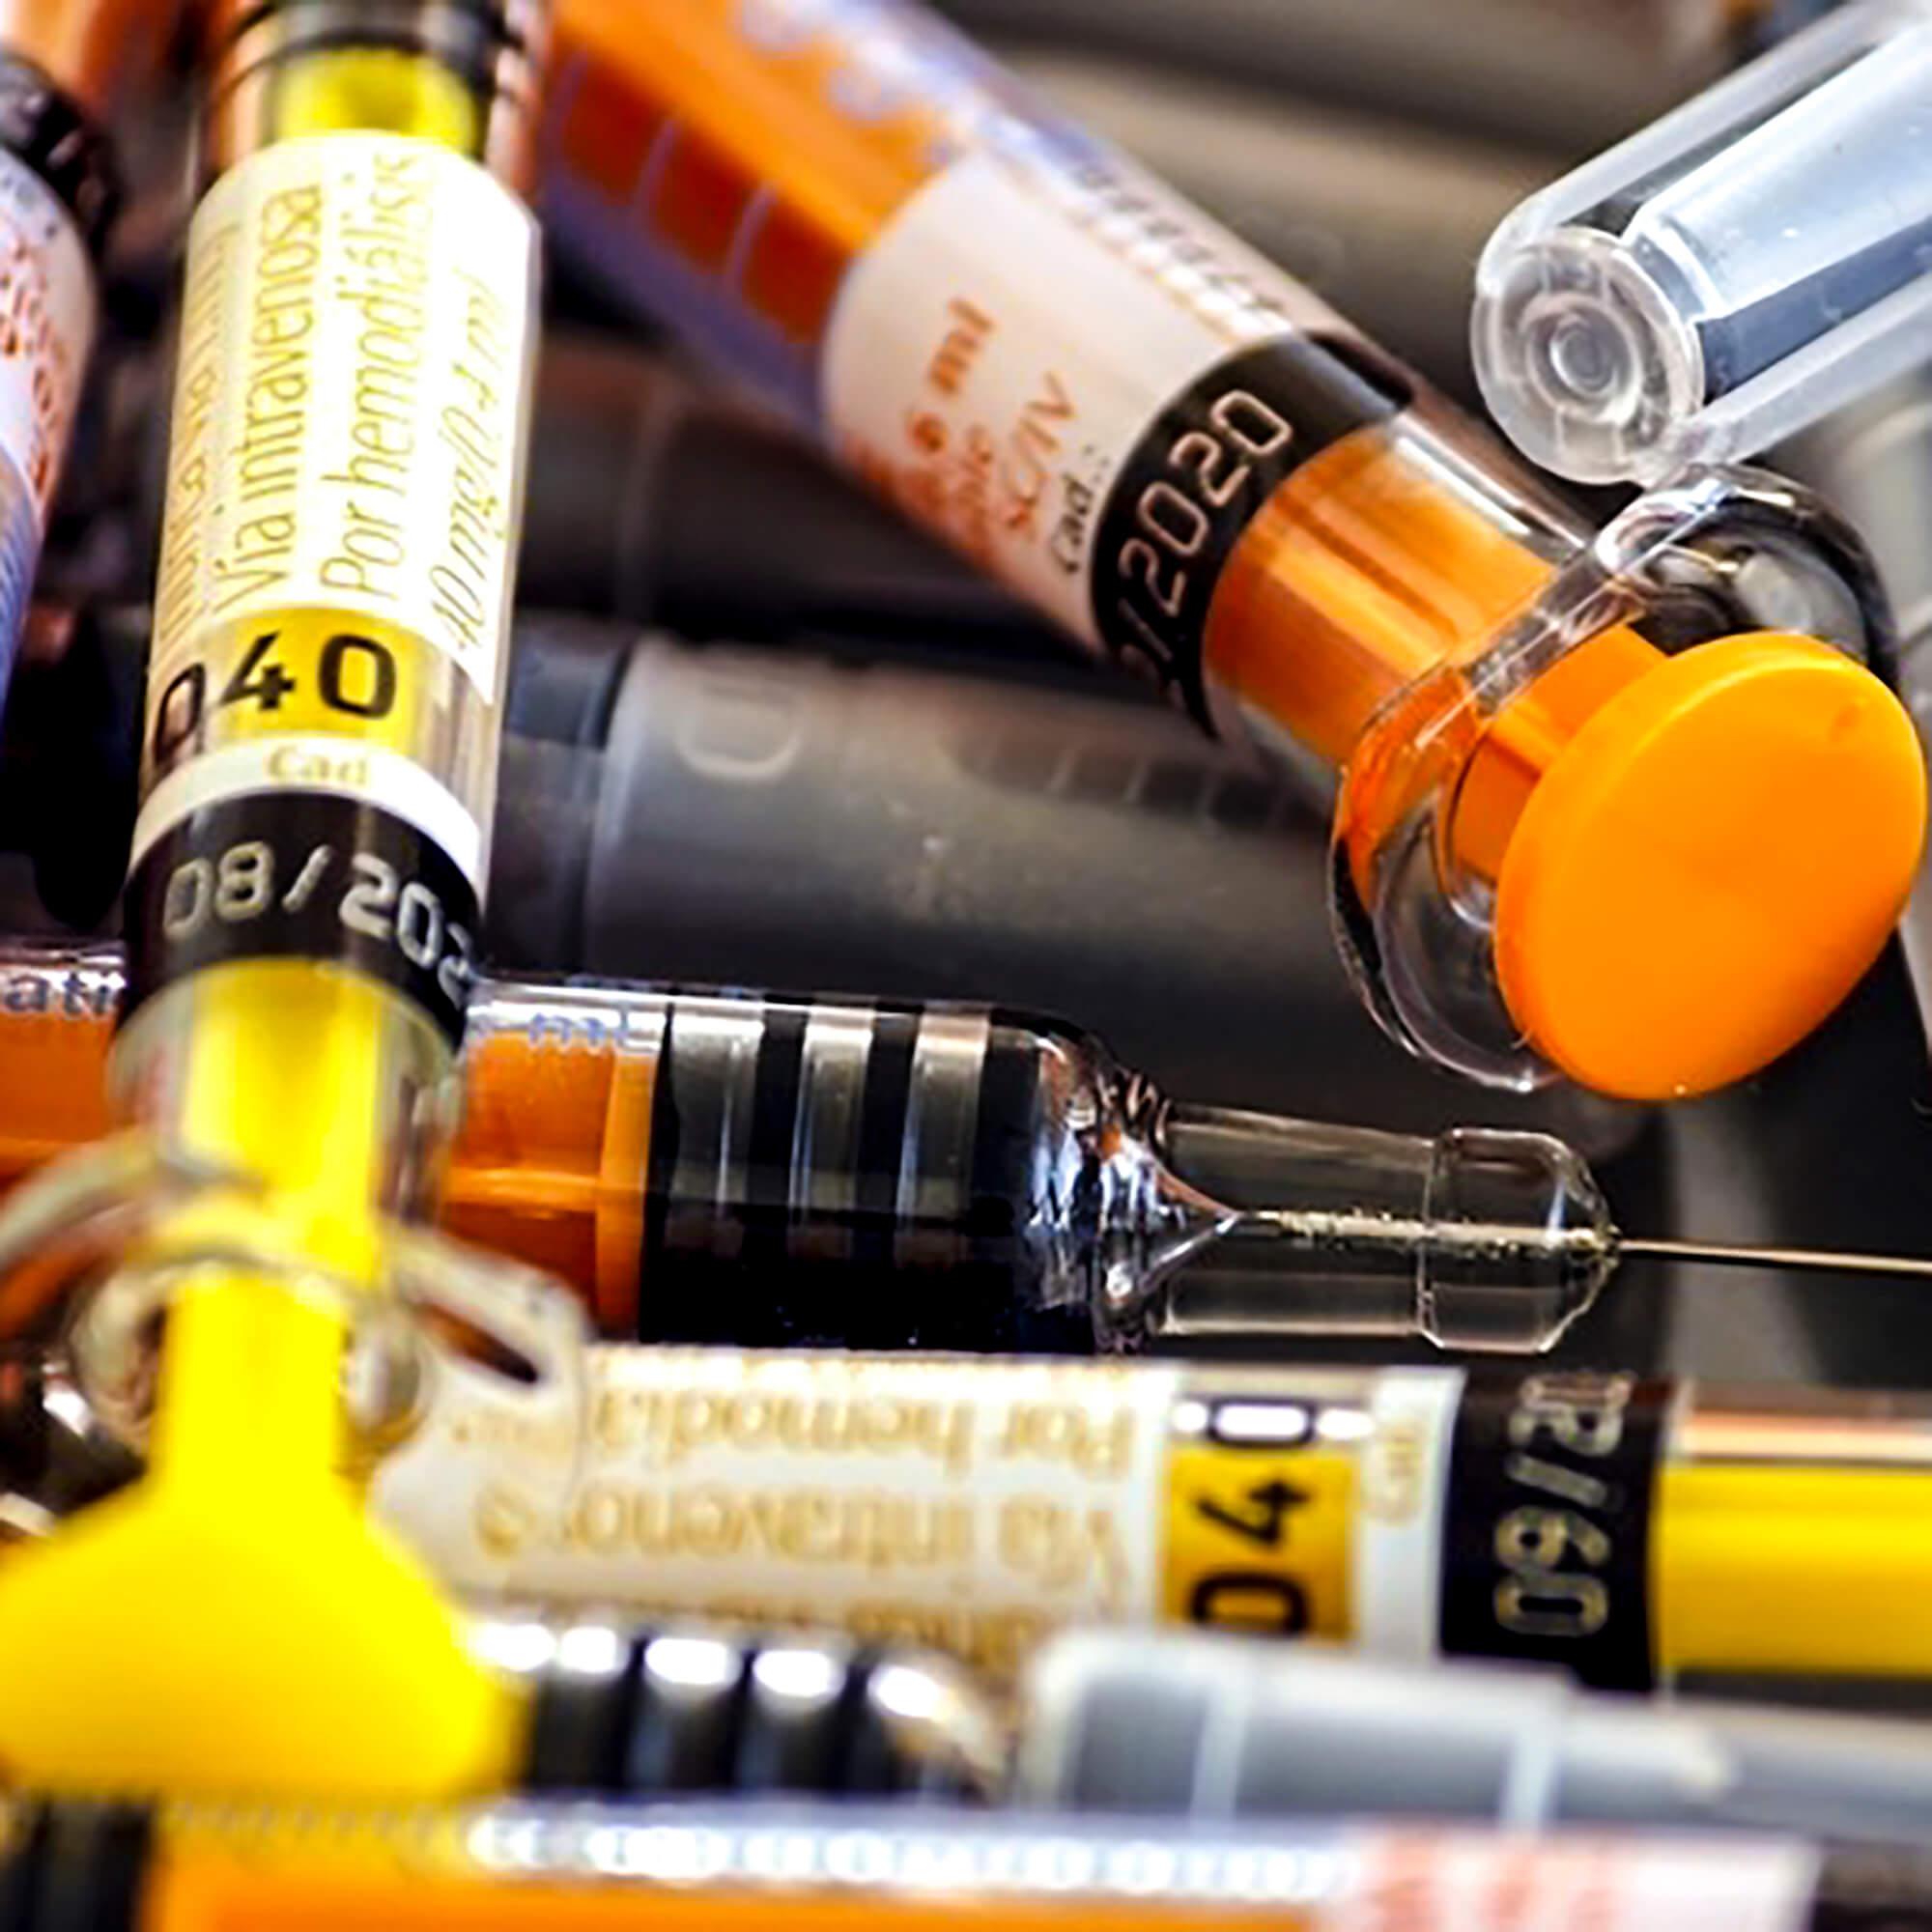 Medical syringes